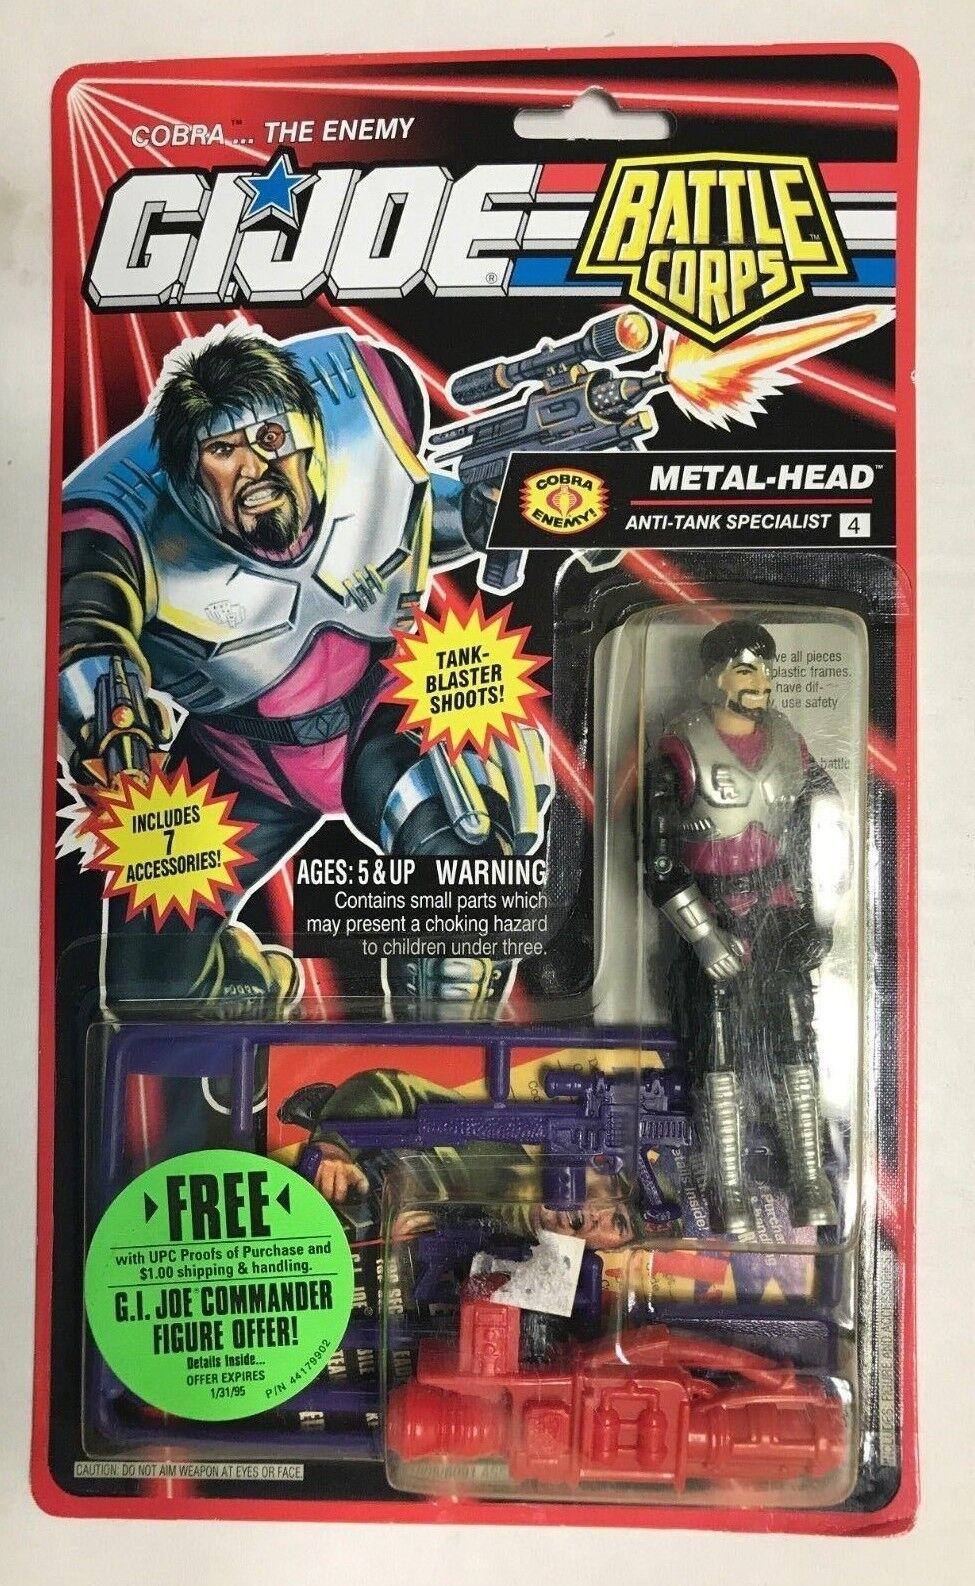 1993 gi joe kampf corps - metal-head anti - panzer - spezialist - ungeöffnet auf der karte)